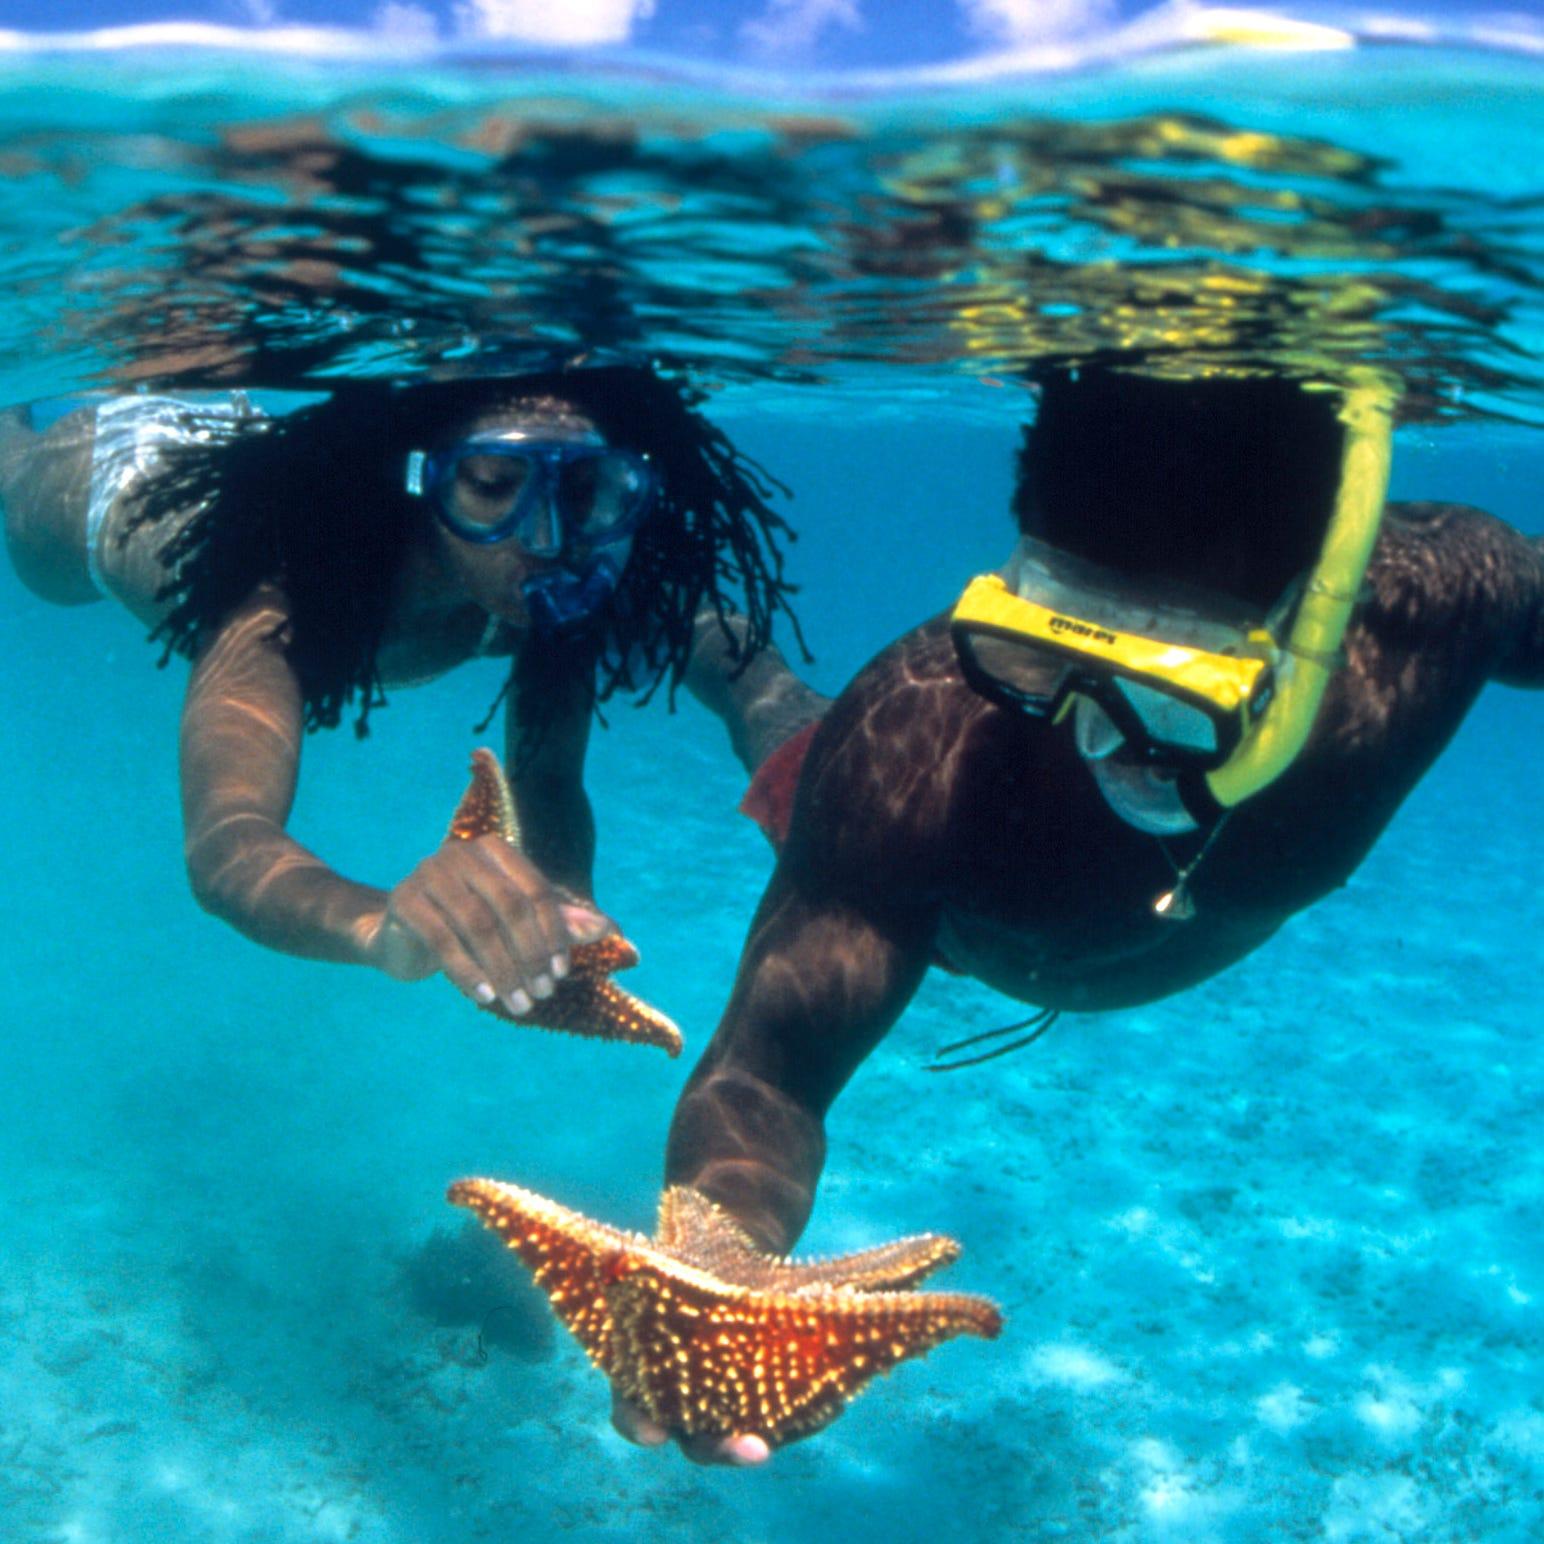 Best snorkeling spots in the Caribbean